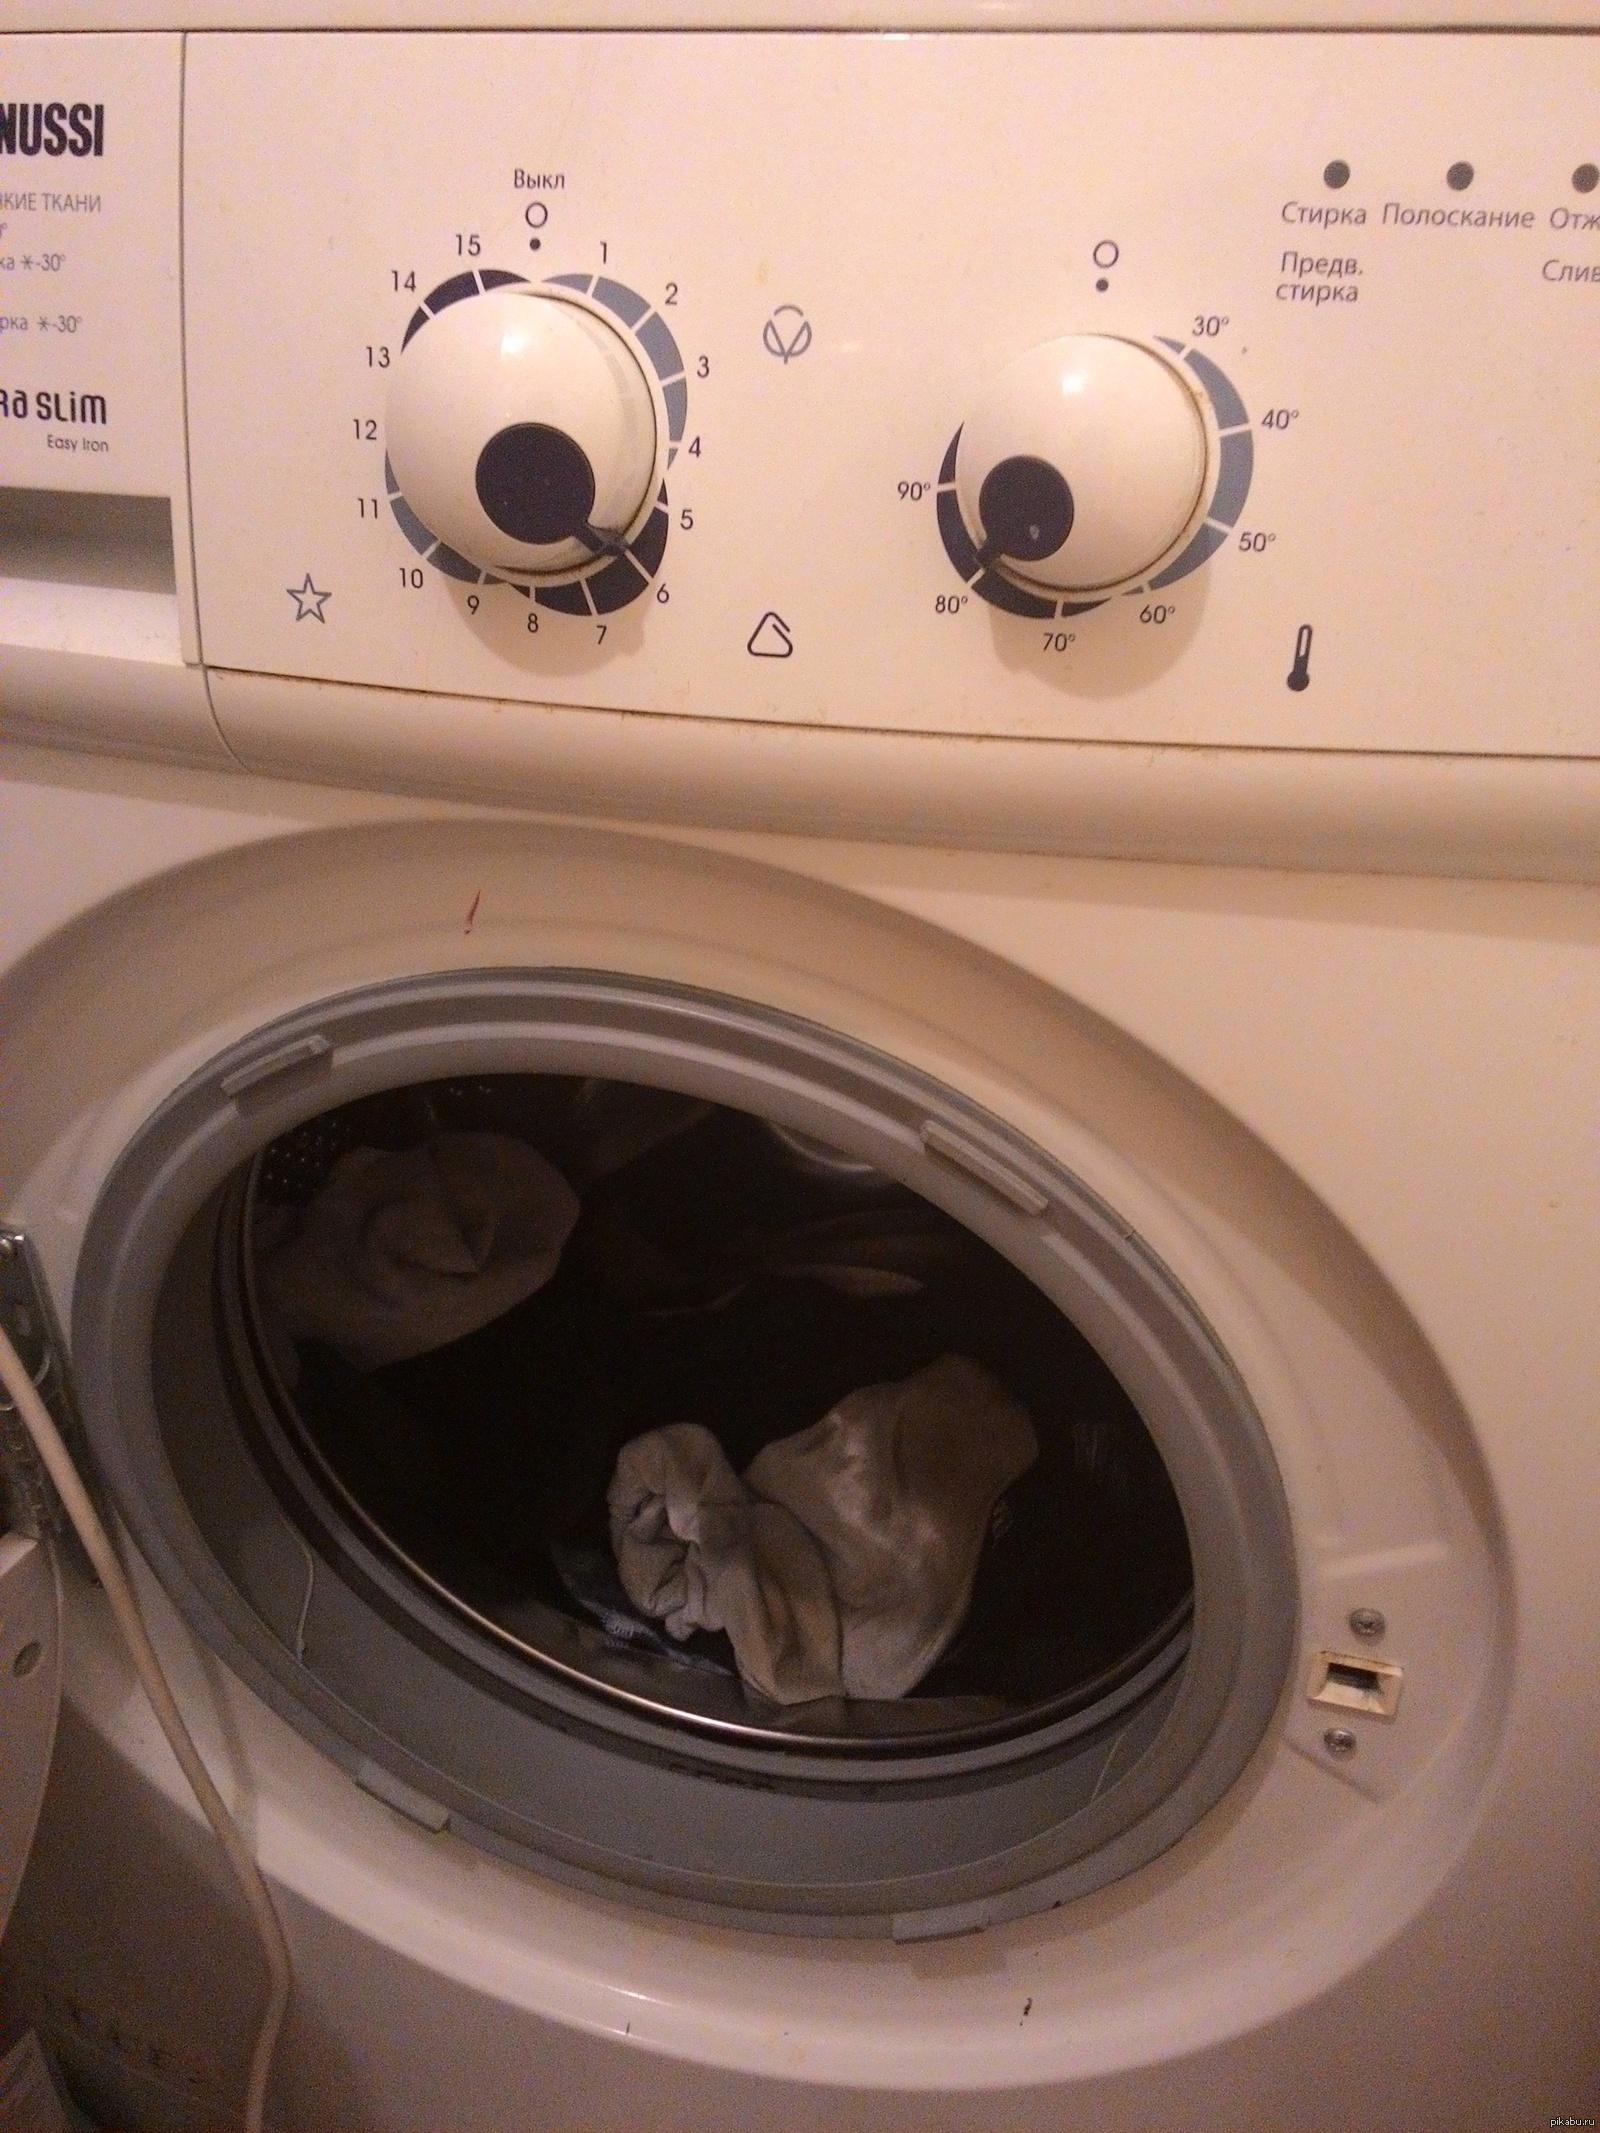 Смешные картинки стиральной машины